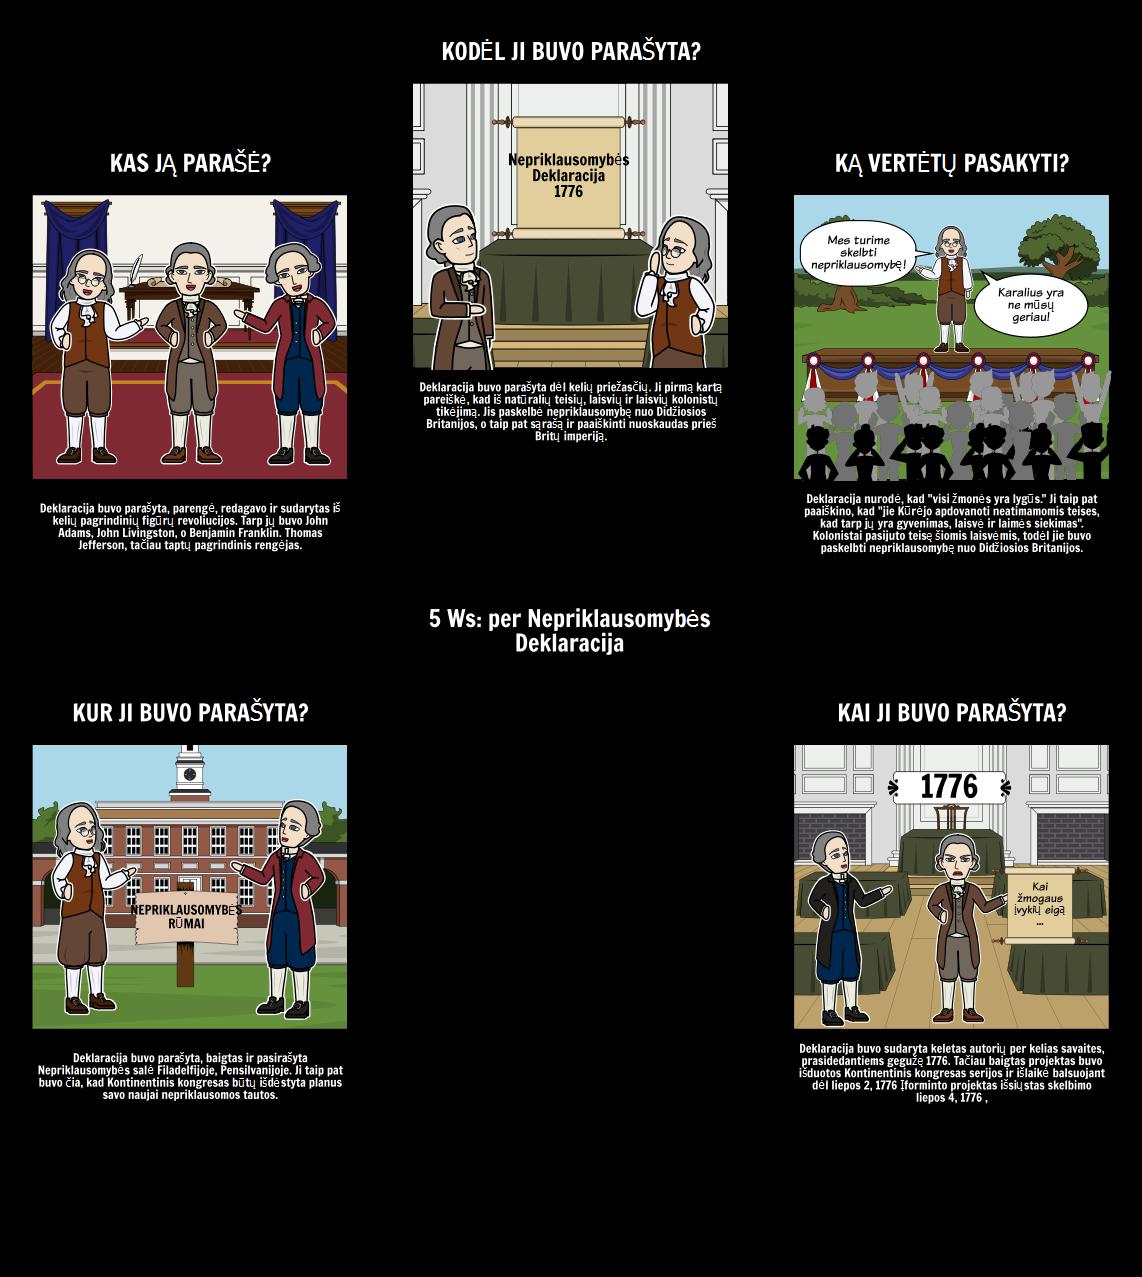 Nepriklausomybės 5 Ws Deklaracija